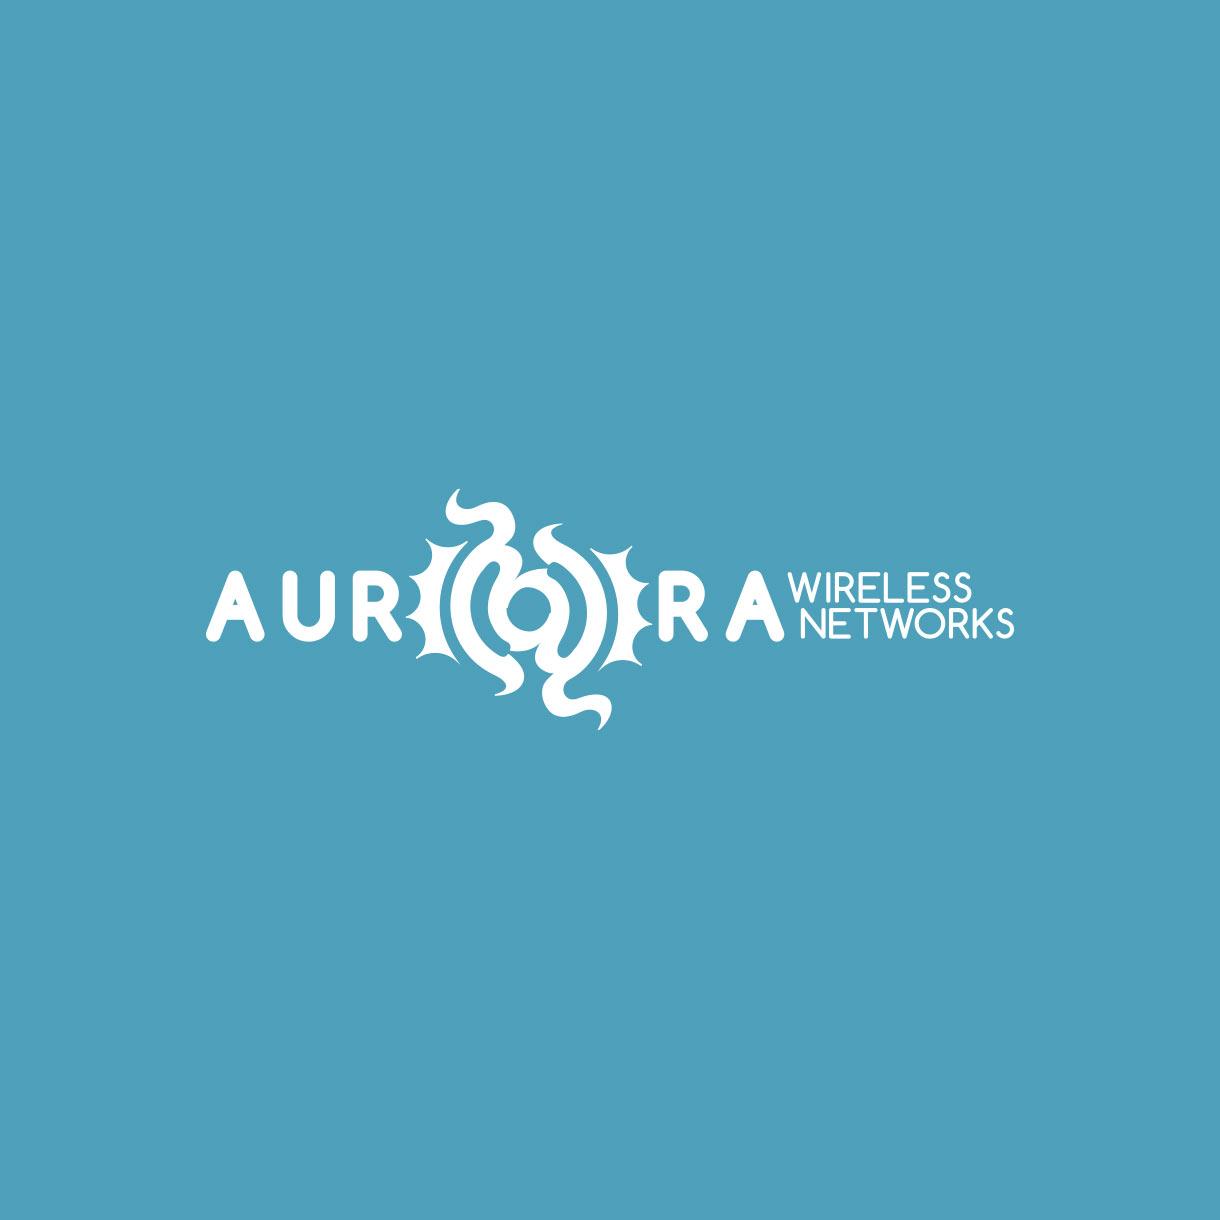 Aurora Wireless Networks Icon